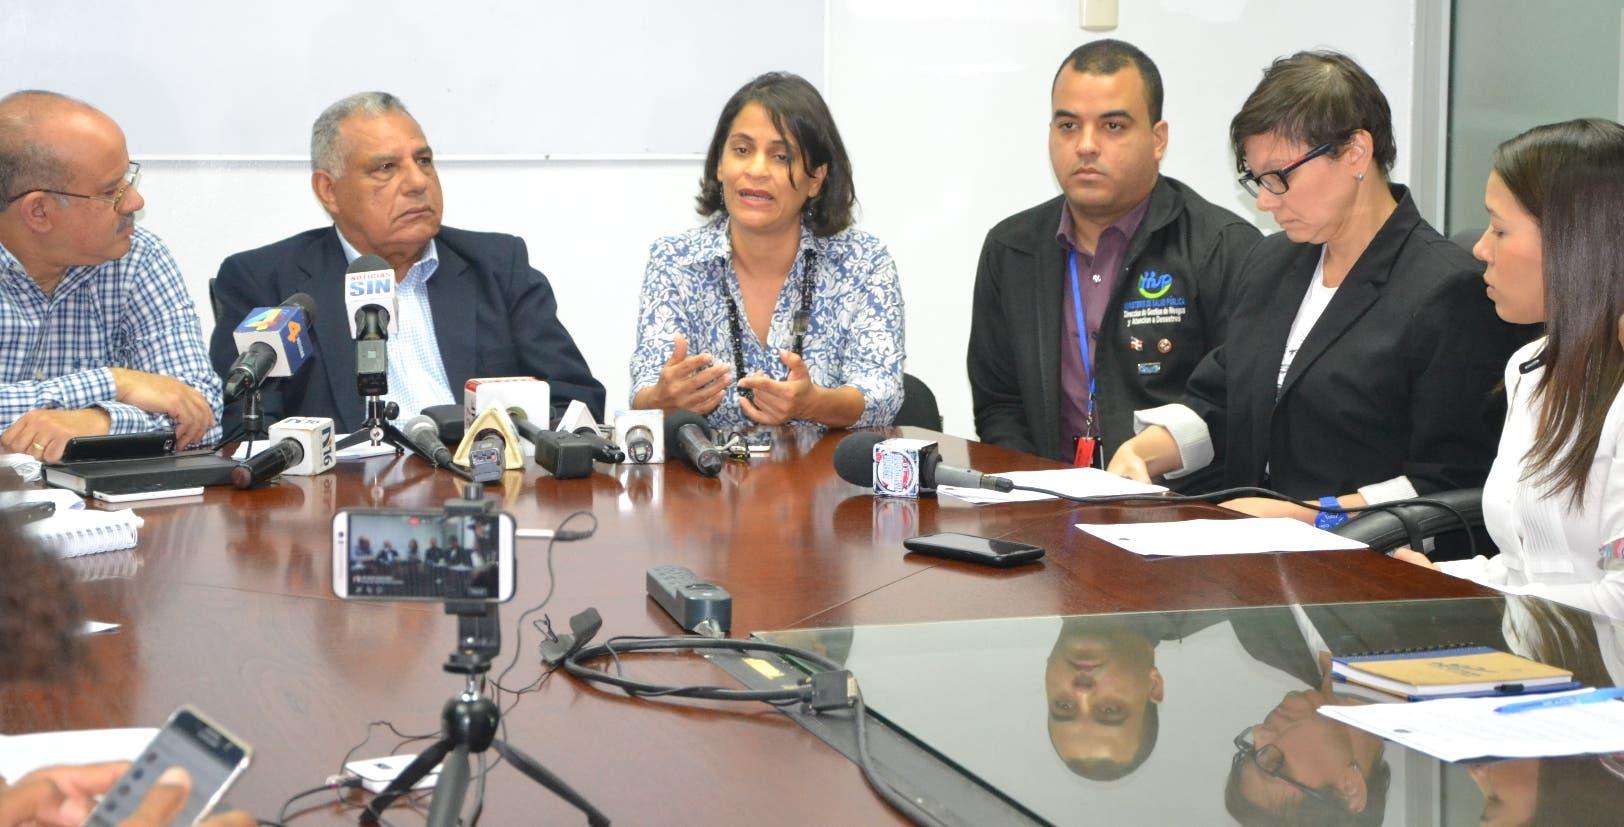 Las autoridades de salud recomendaron ayer a la población que no consuma  el referido ron para evitar casos lamentables.